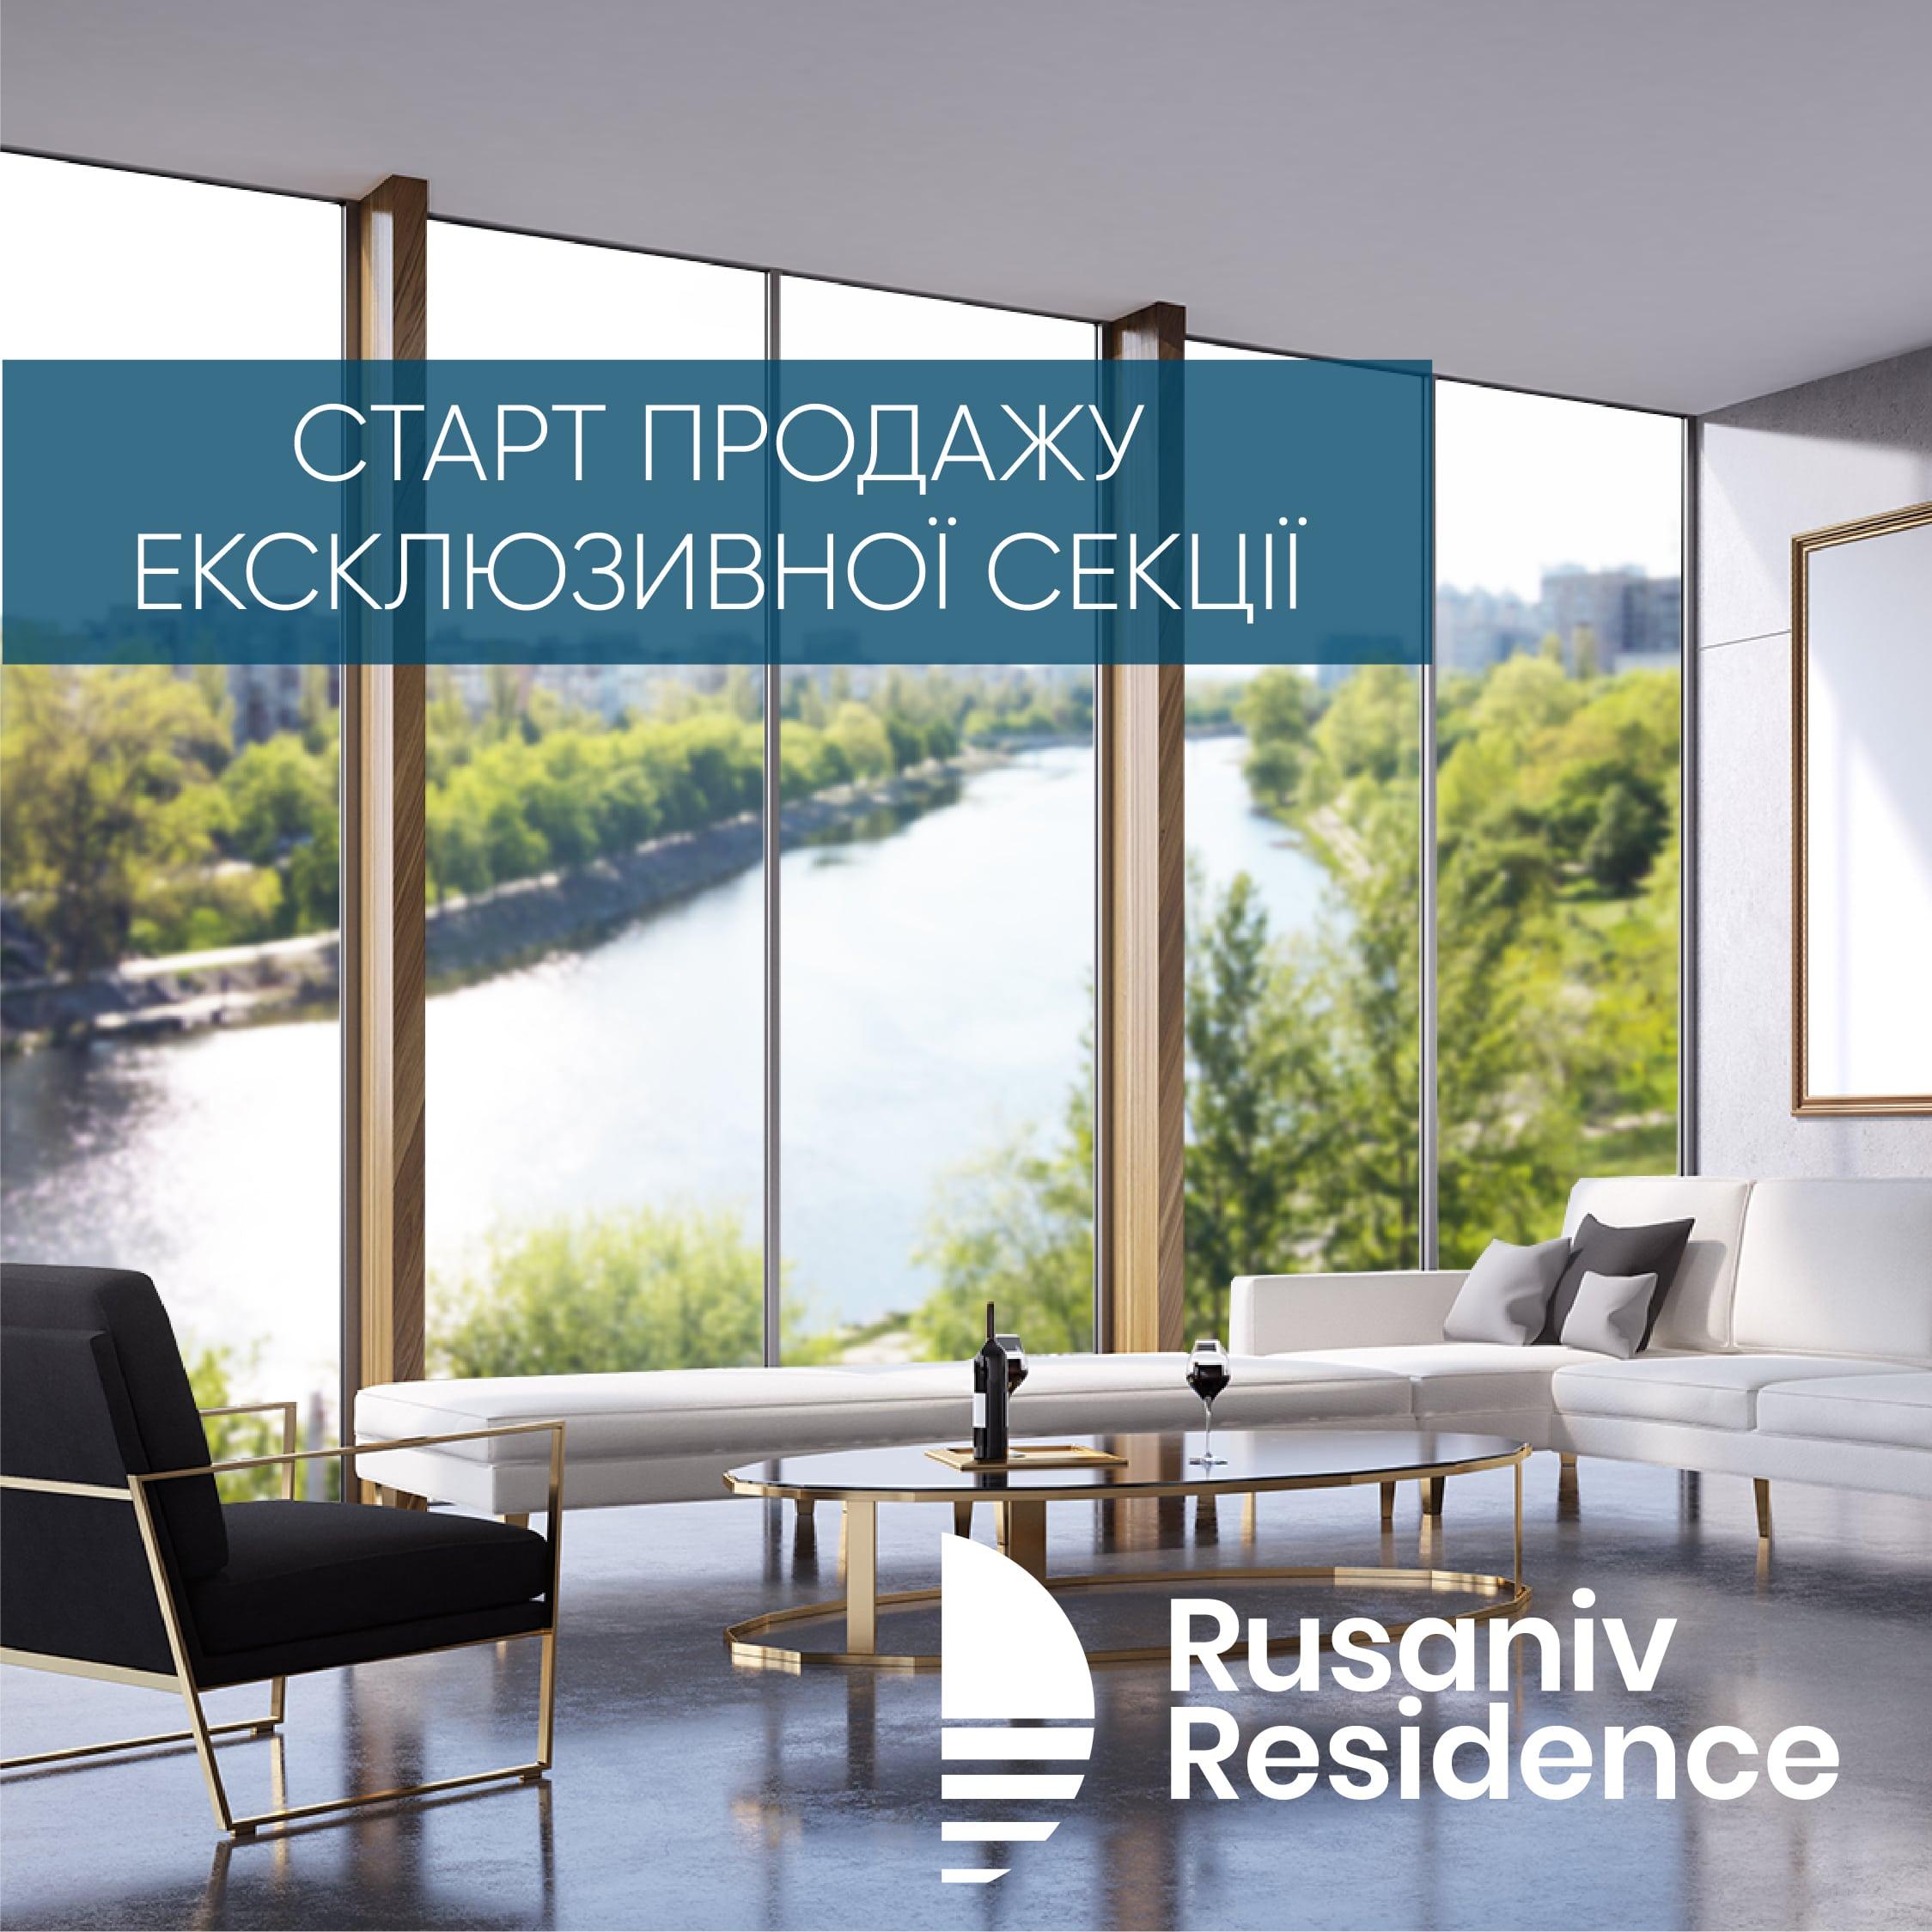 В Rusaniv Residence відкрито продаж ексклюзивної секції